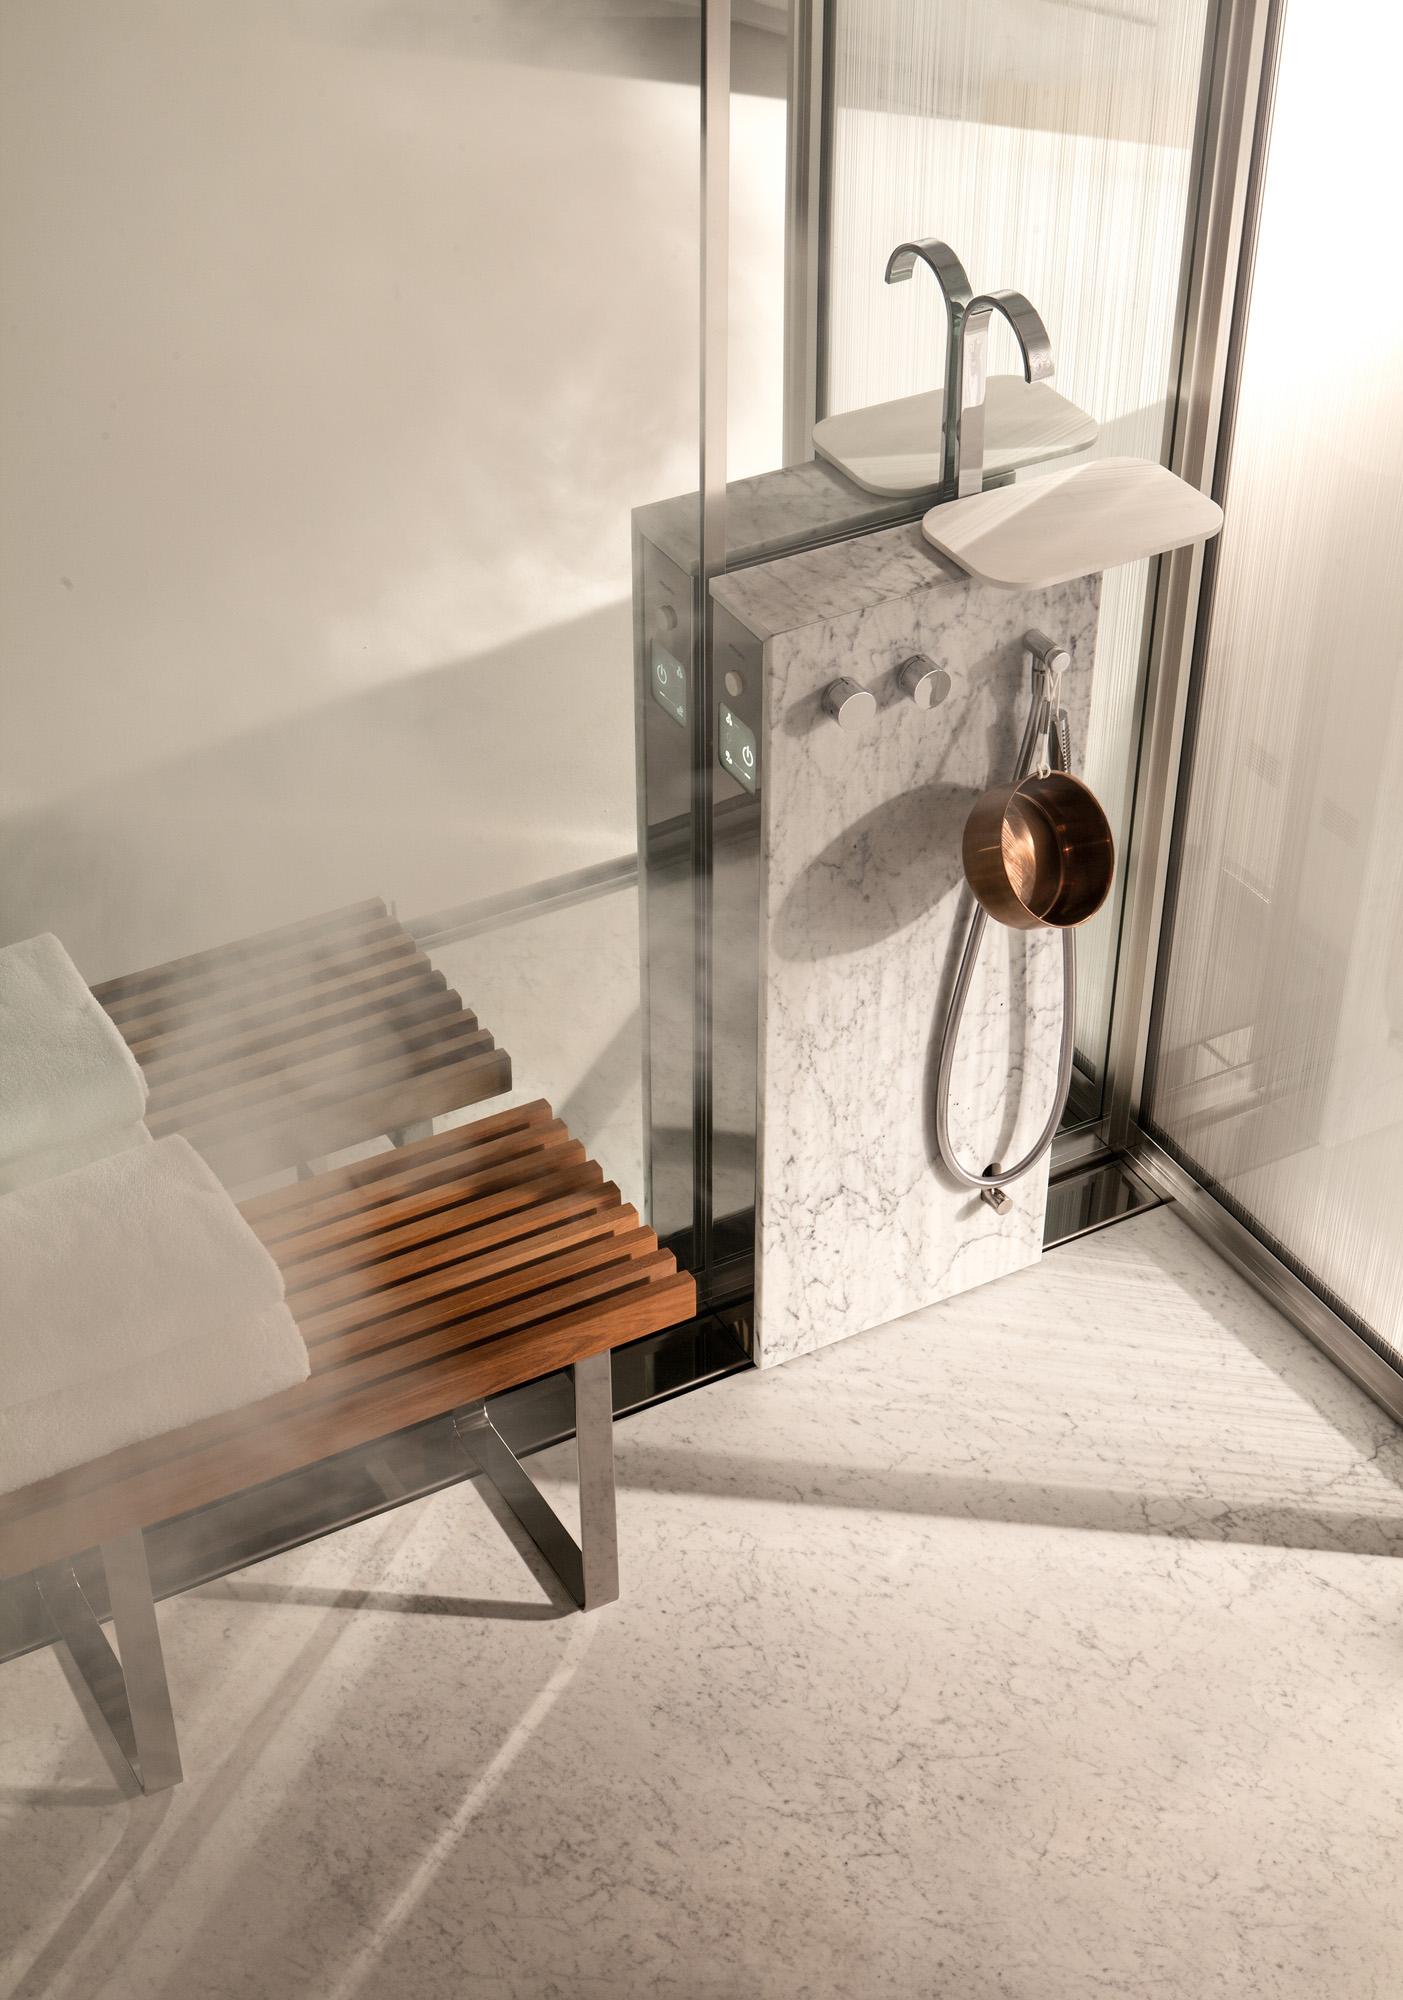 topkapi marmo carrara dettaglio generatore di vapore e panca in teck